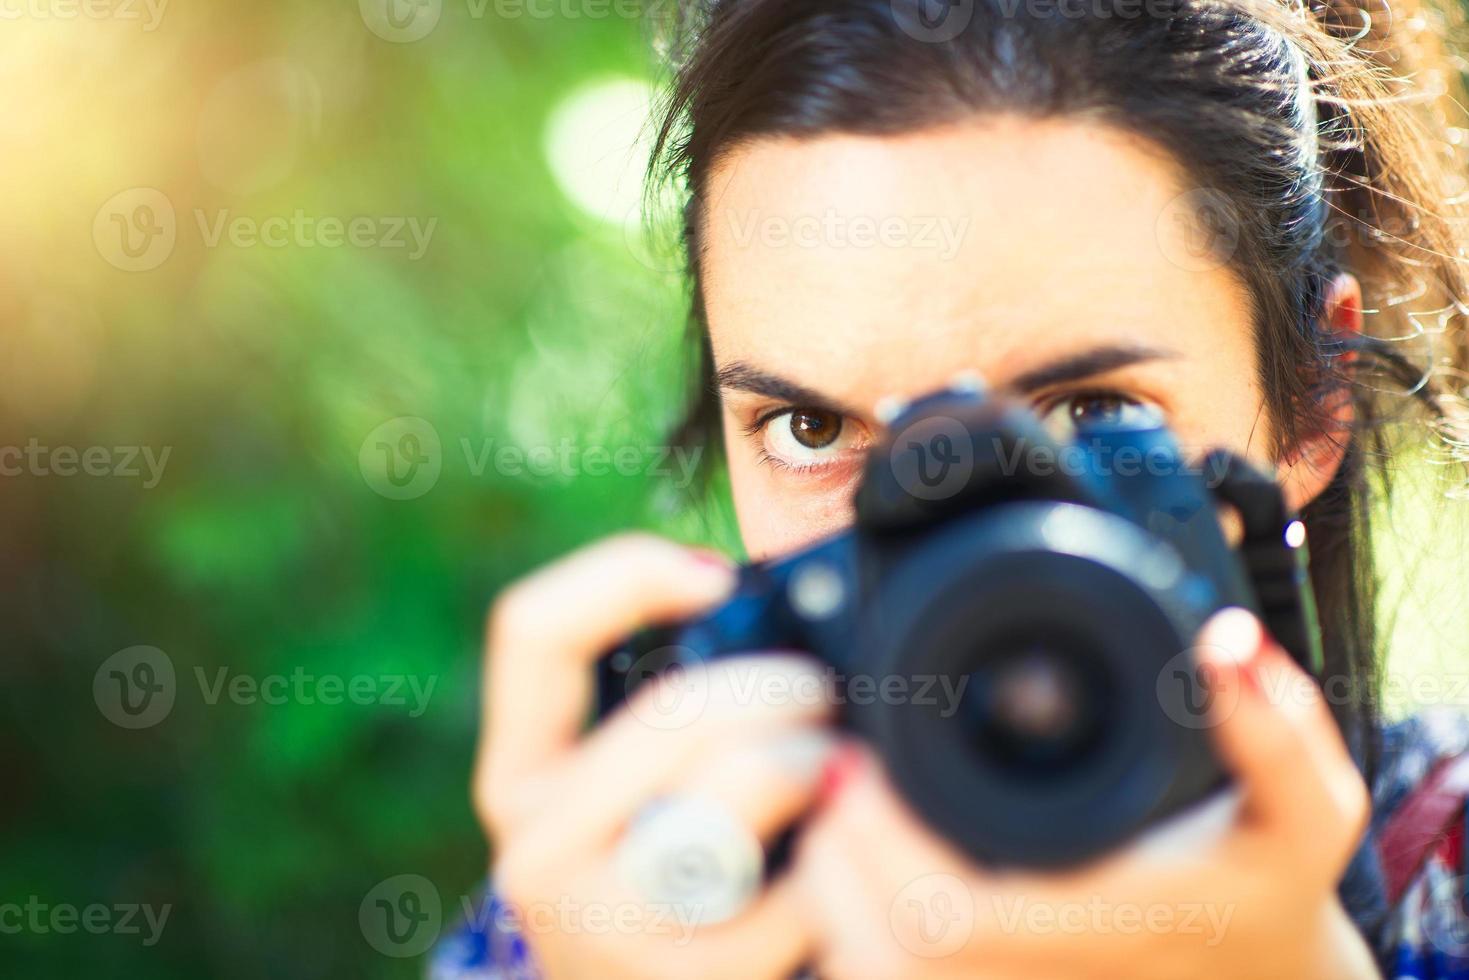 chica fotógrafa la mira antes de disparar foto